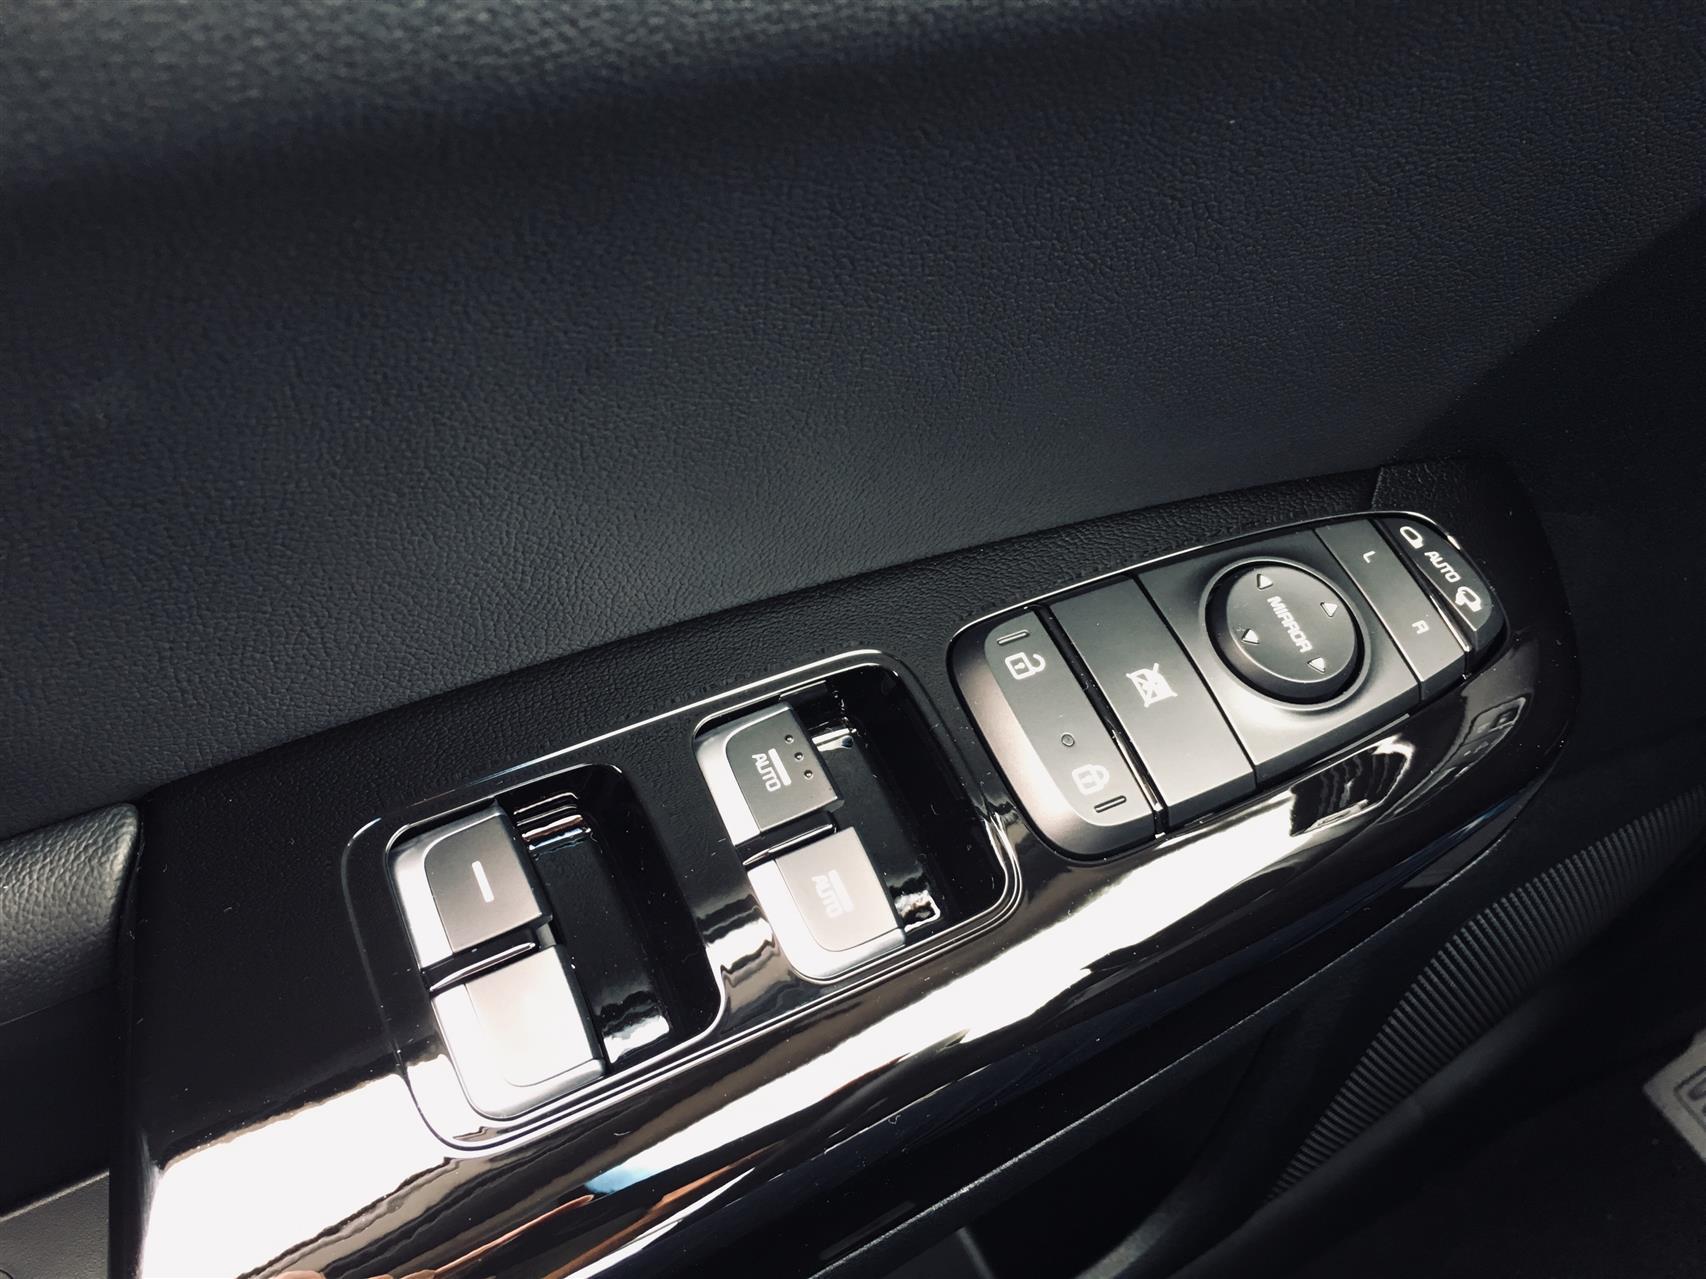 Billede af Kia Sportage 1,6 CRDI MHEV NÅK Comfort Editionpakke DCT 136HK 5d